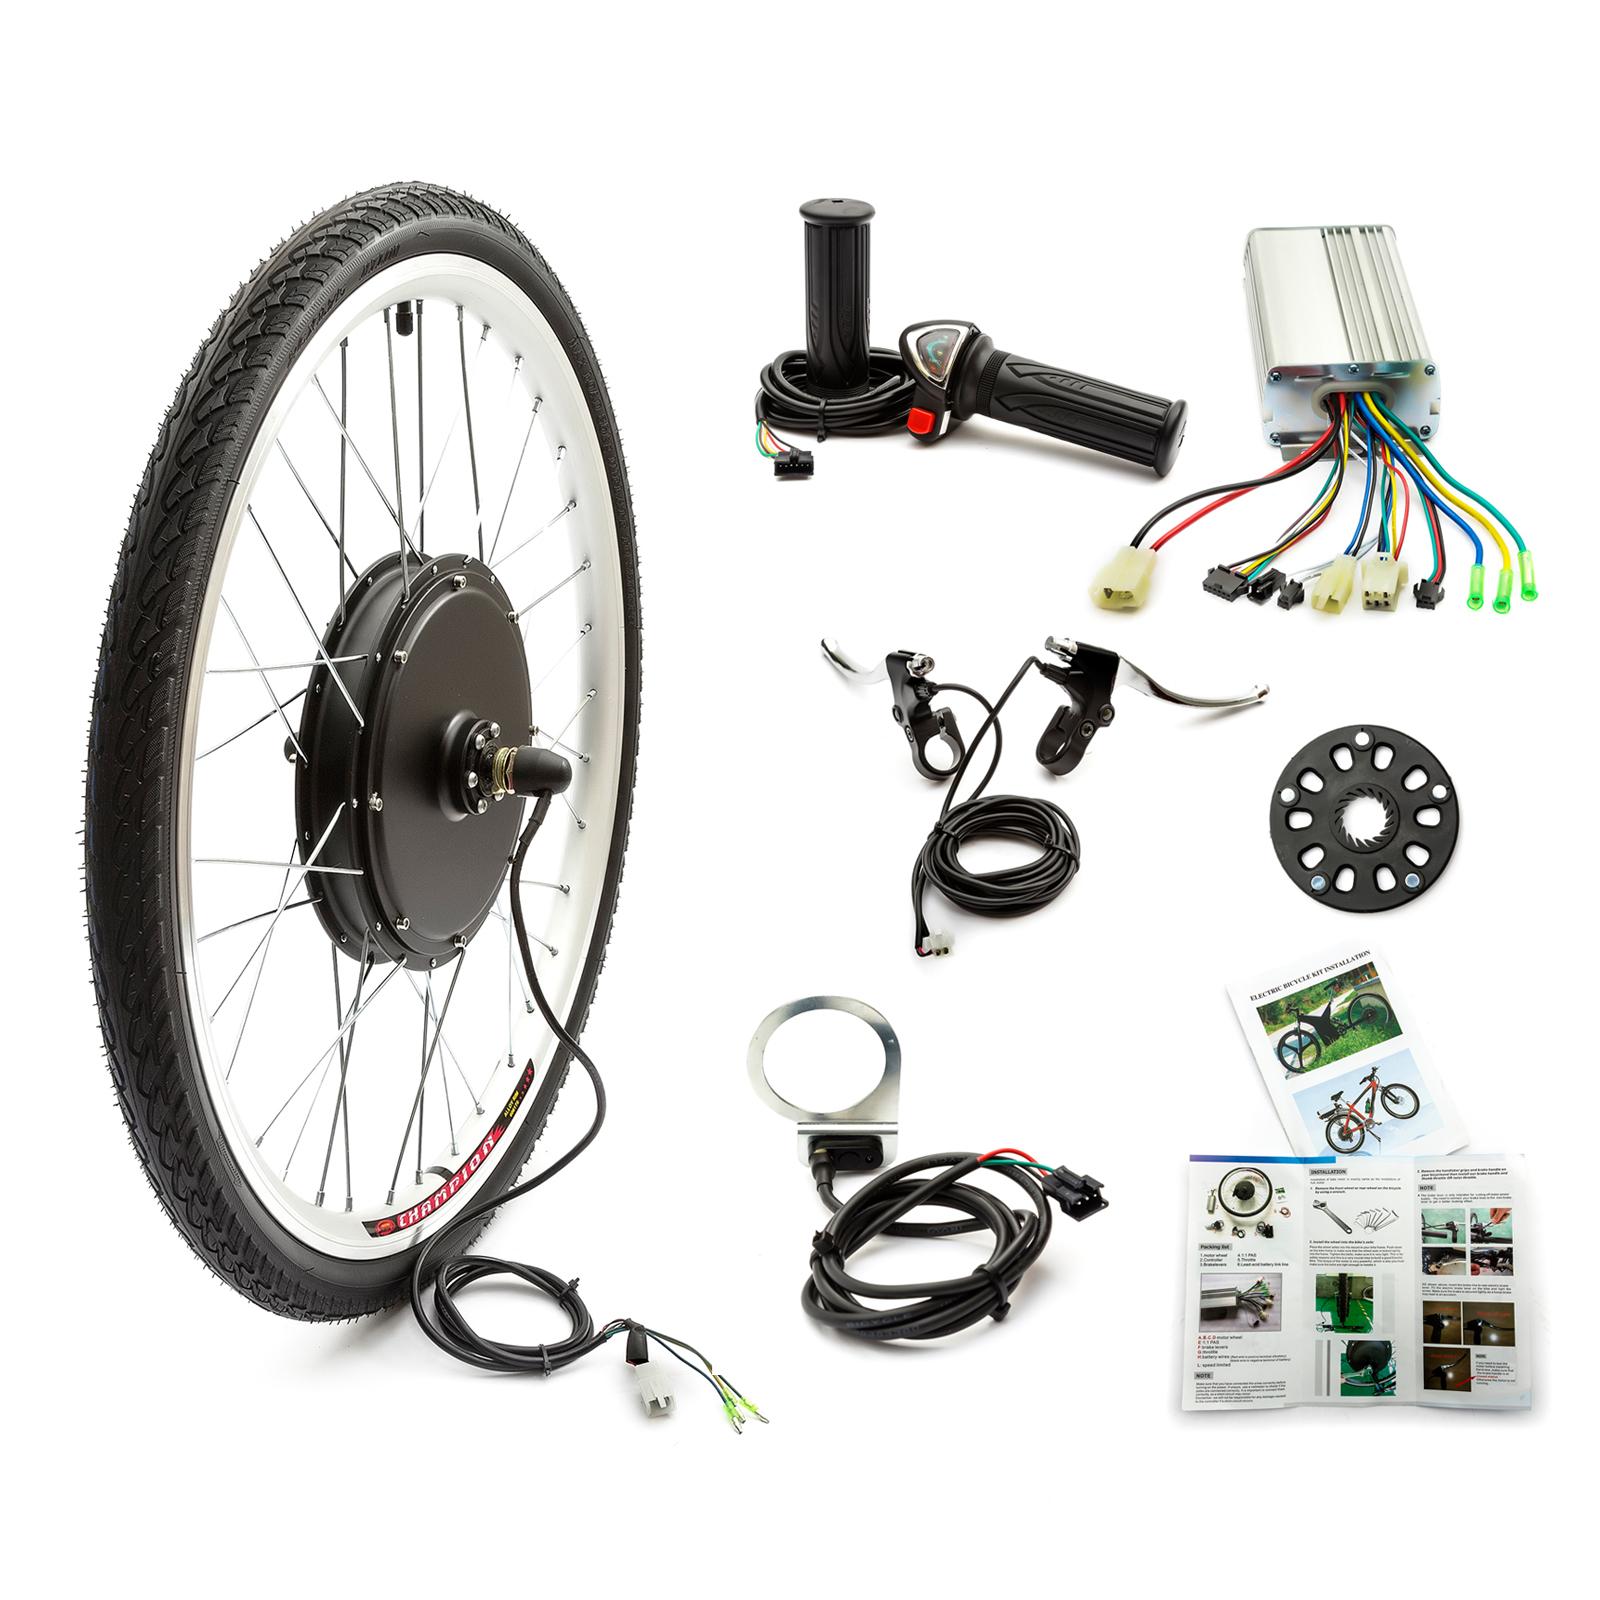 lectrique e bicyclette roue avant kit de conversion 48v. Black Bedroom Furniture Sets. Home Design Ideas